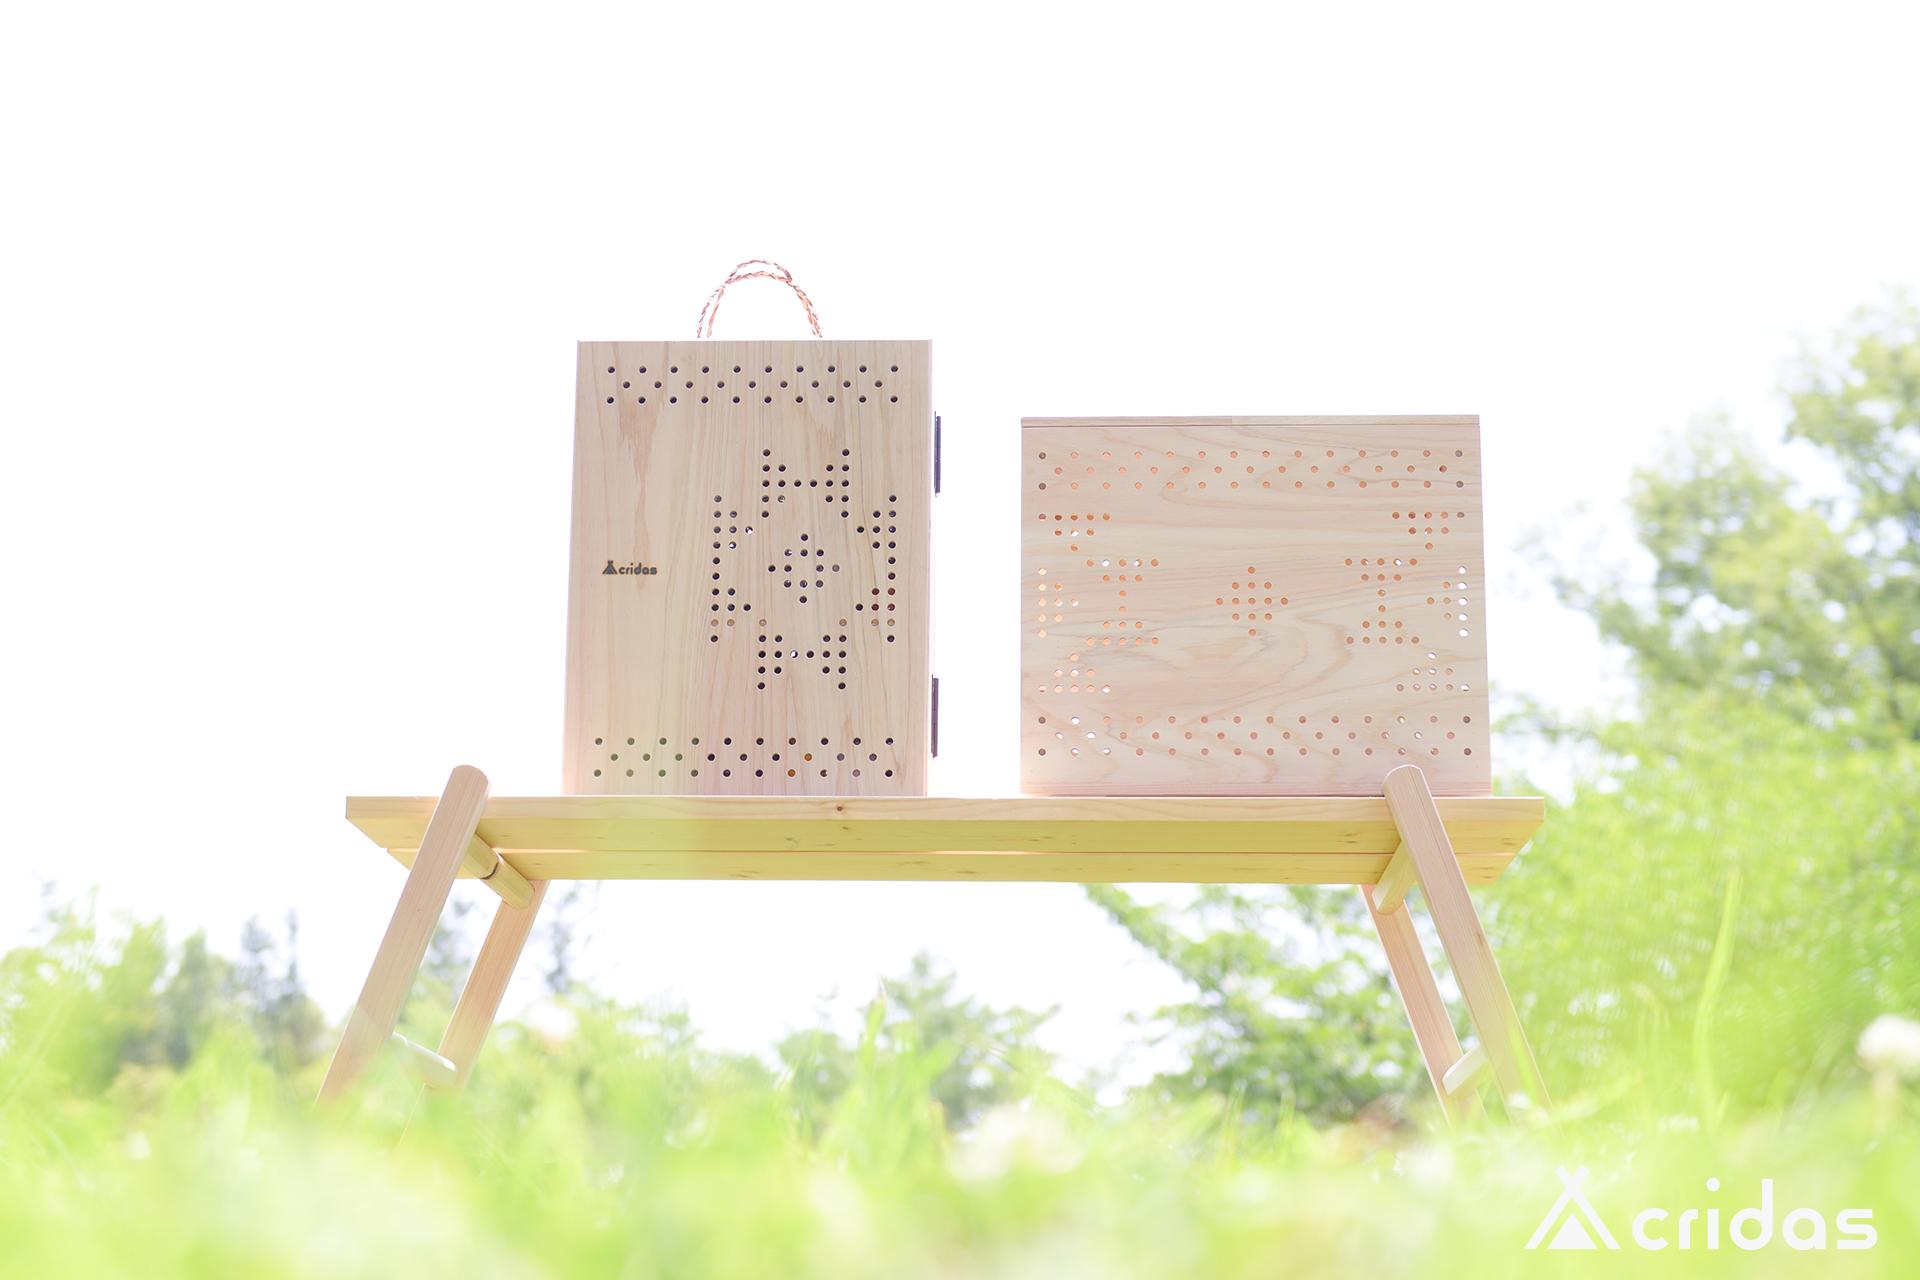 国産木材の特性を生かしたキャンプギアブランド 『cridas(クリダス)』